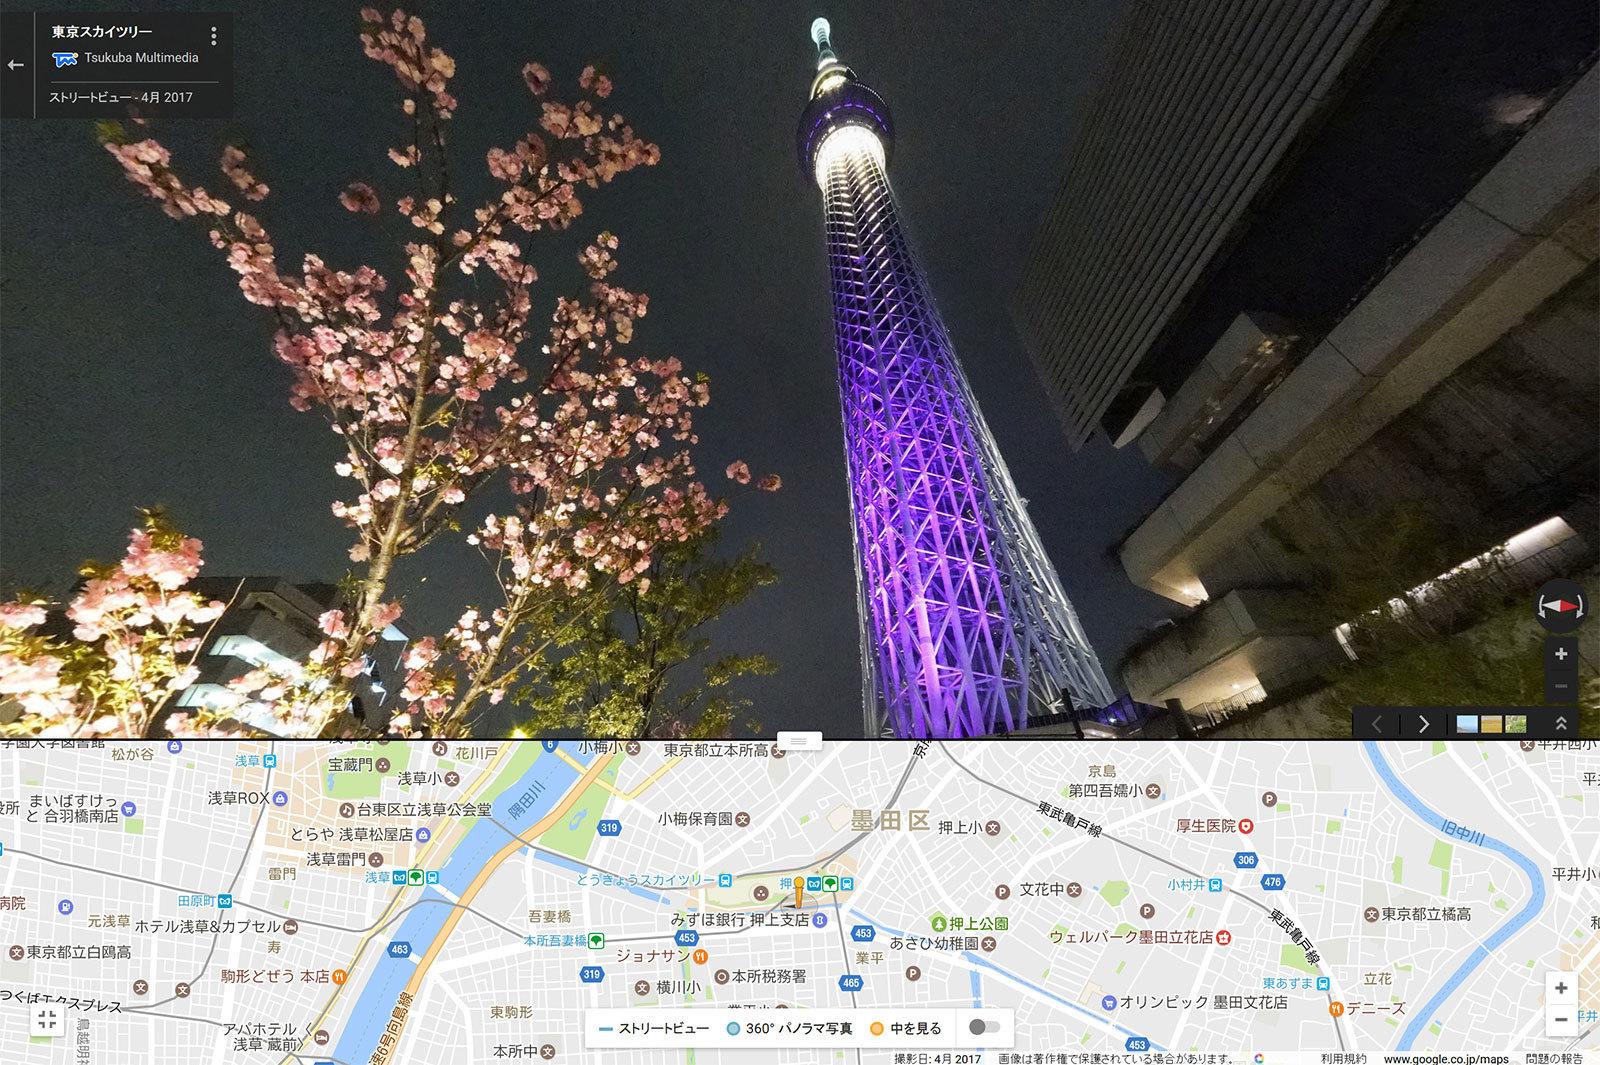 東京スカイツリーのGoogleストリートビュー写真